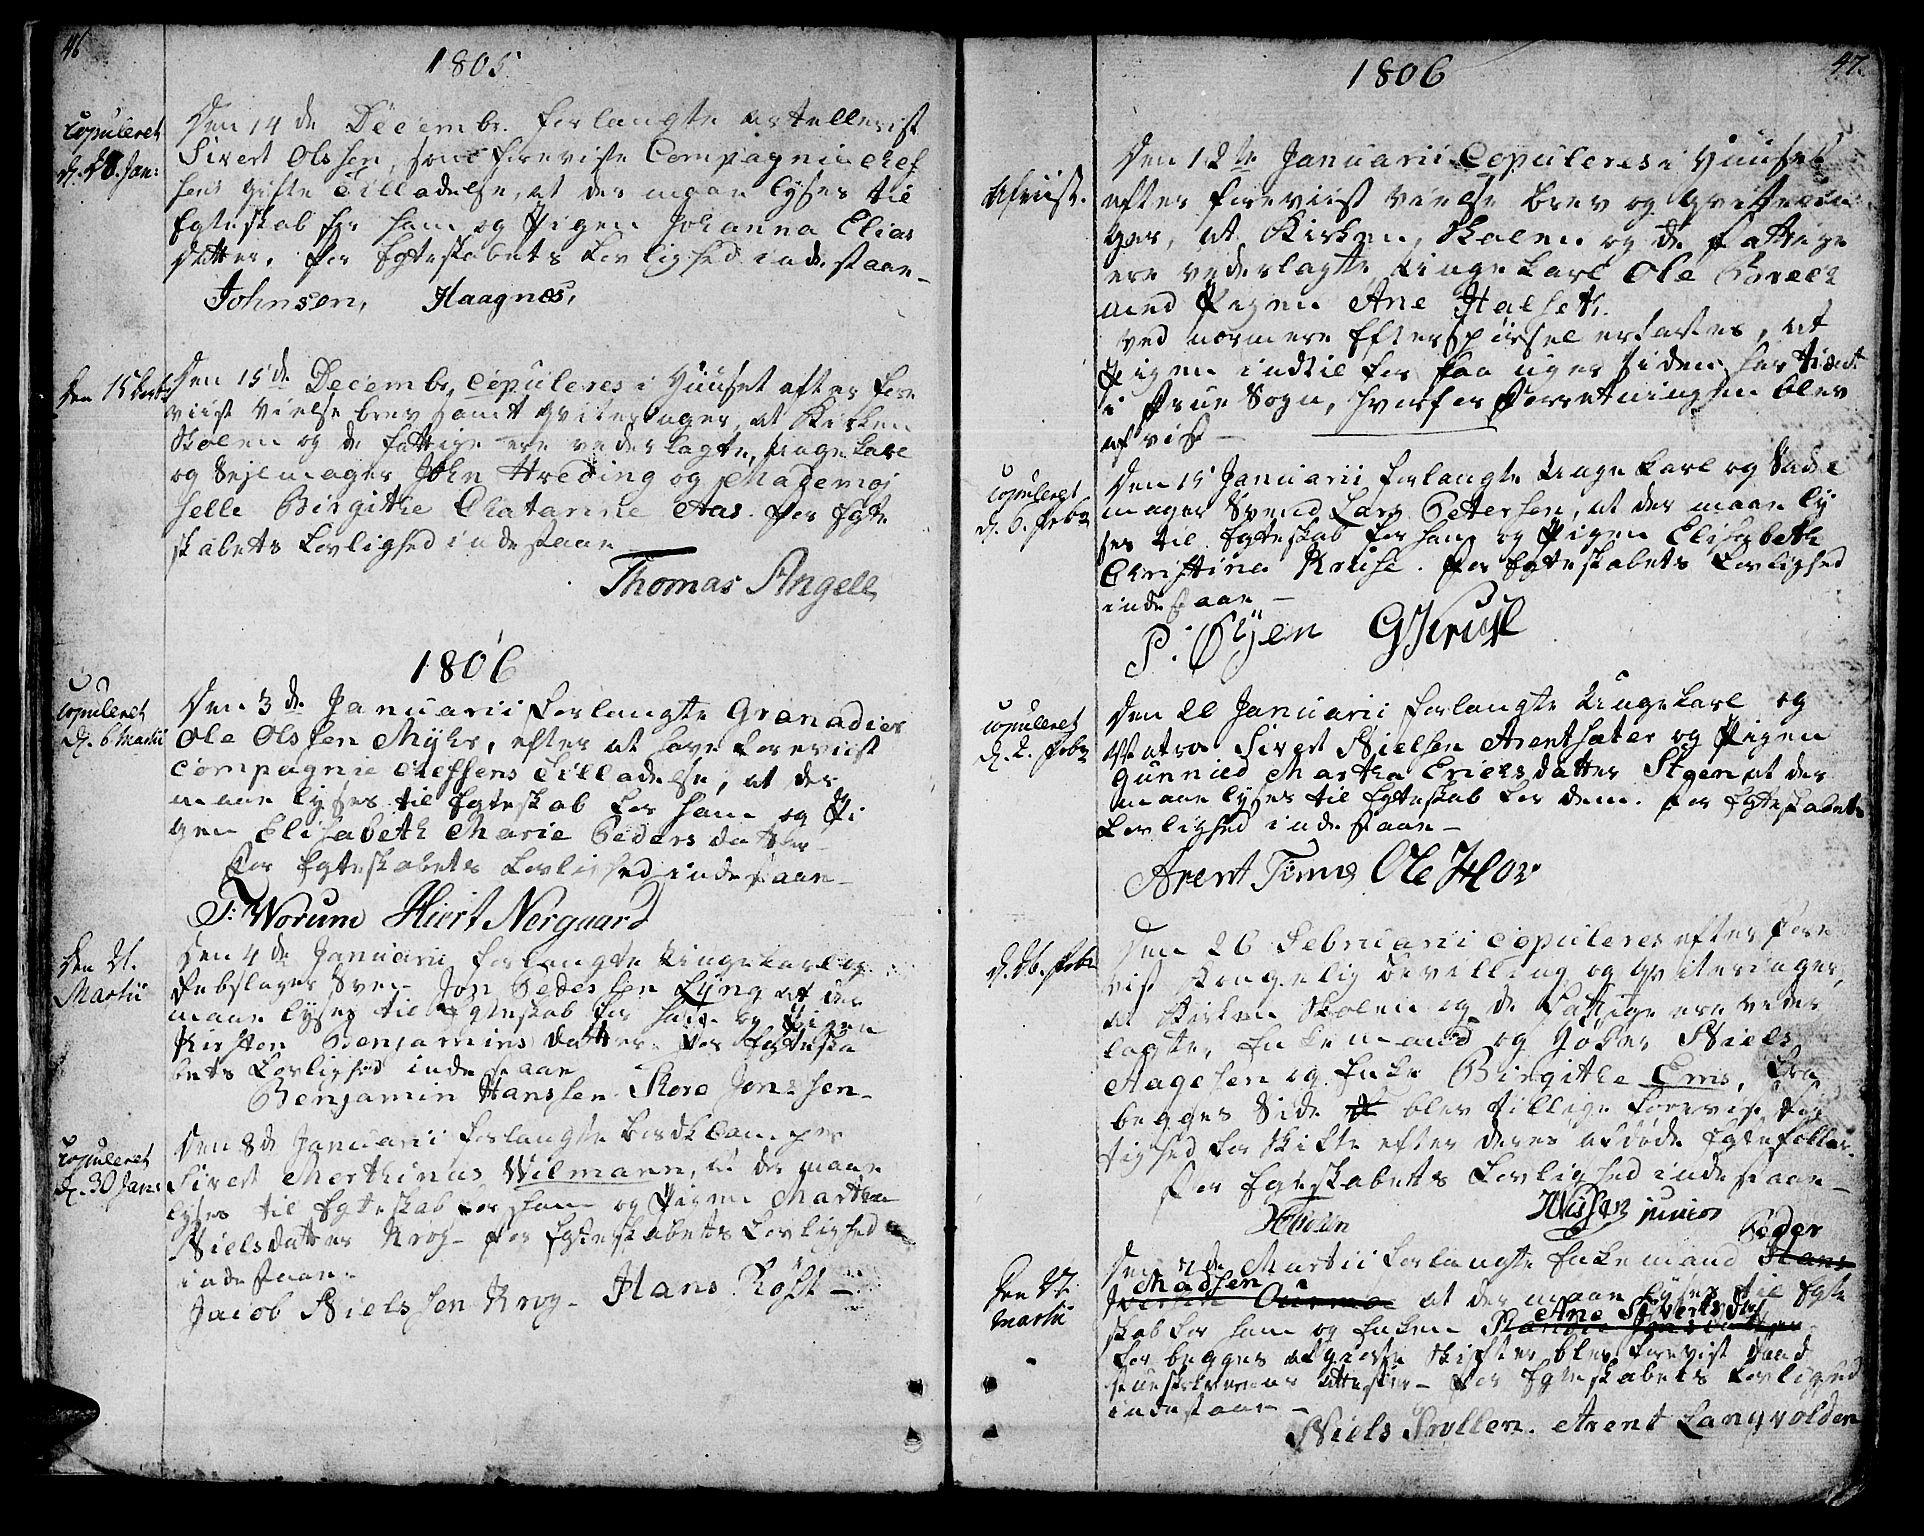 SAT, Ministerialprotokoller, klokkerbøker og fødselsregistre - Sør-Trøndelag, 601/L0042: Ministerialbok nr. 601A10, 1802-1830, s. 46-47